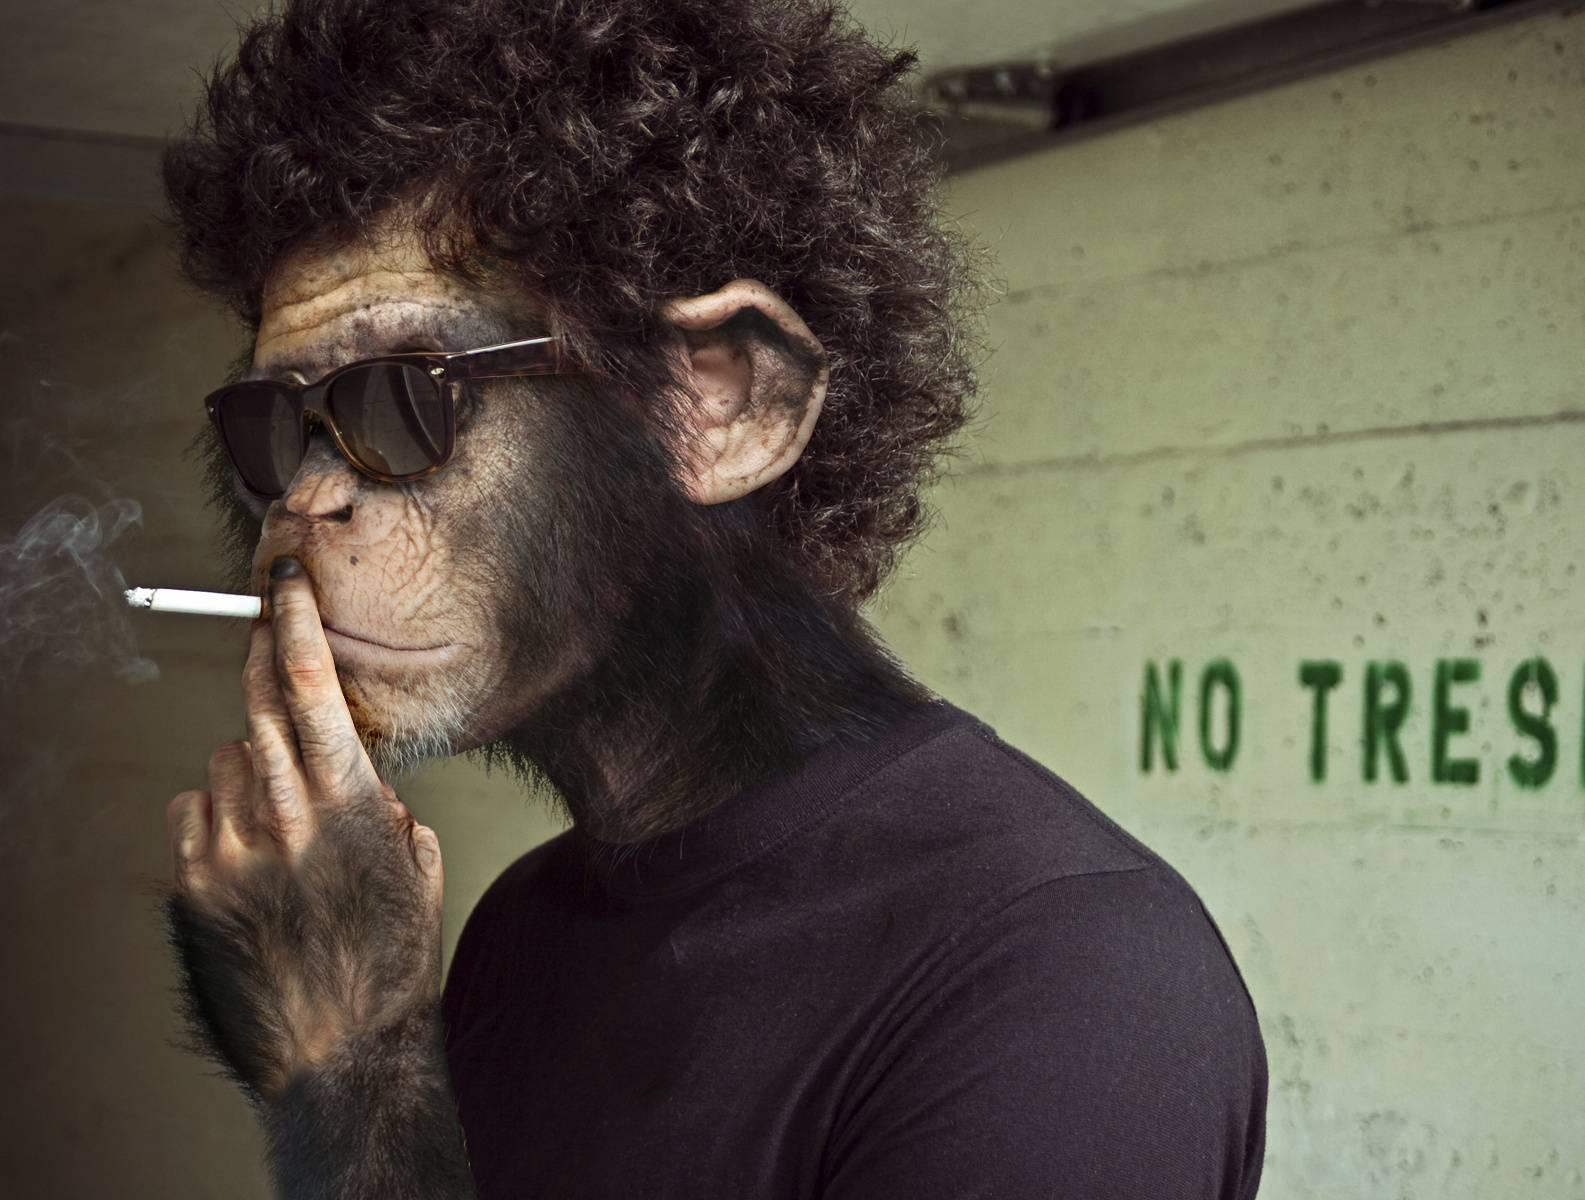 monky smoking